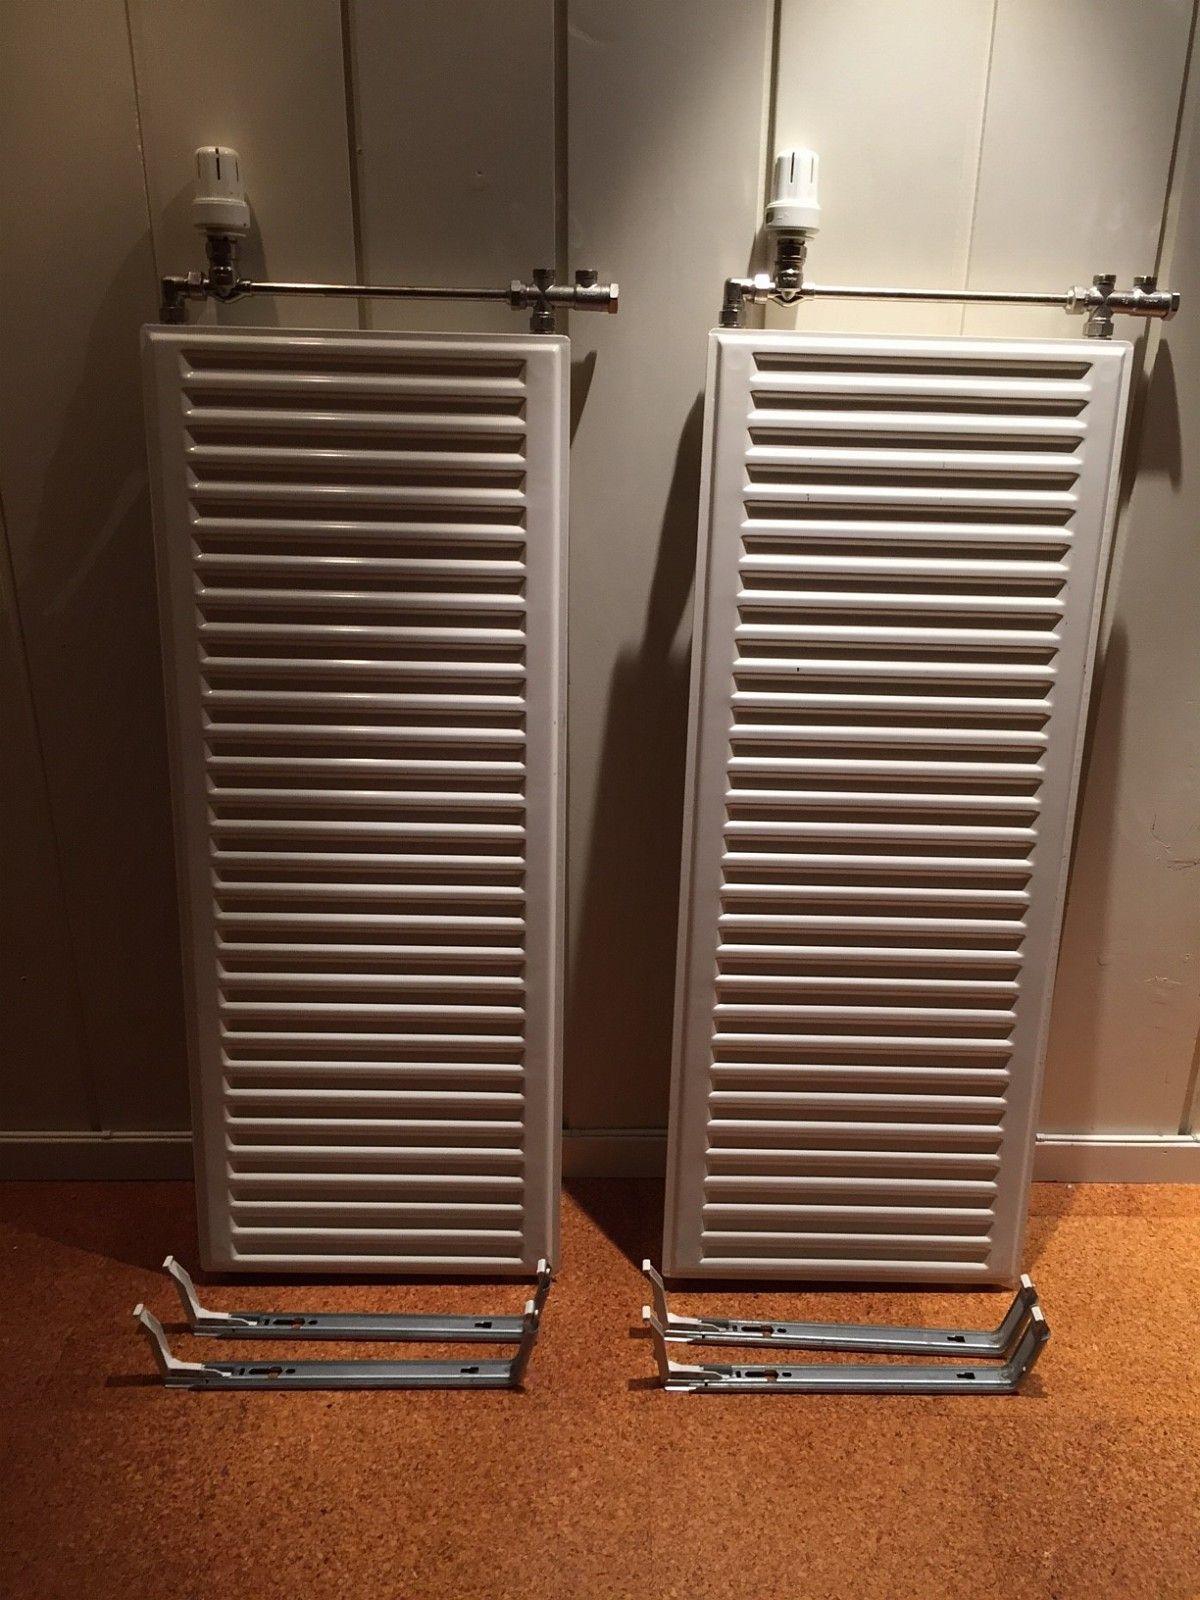 Radiator til vannbåren varme - Bekkestua  - 2 stykk radiatorer 40cm x 100cm til vannbåren varme selges på grunn av oppussing. Radiatorene er fra 2003. Selges komplett med termostat (MMA-MWA), ventilsett og monteringsbraketter. - Bekkestua